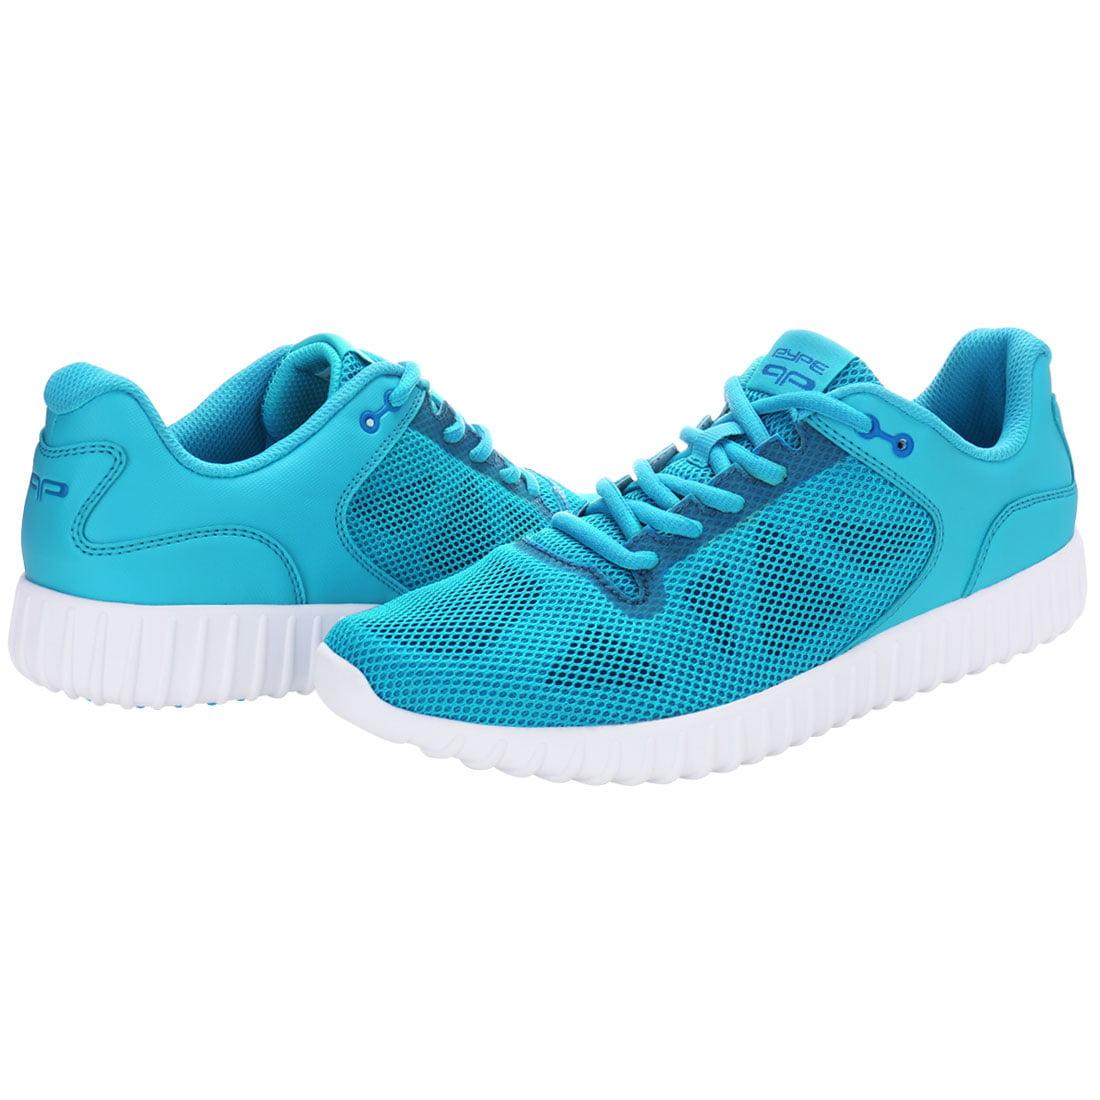 PYPE Women Geometric Prints Lace Up Mesh Training Shoes Blue US 7.5 - image 5 de 7